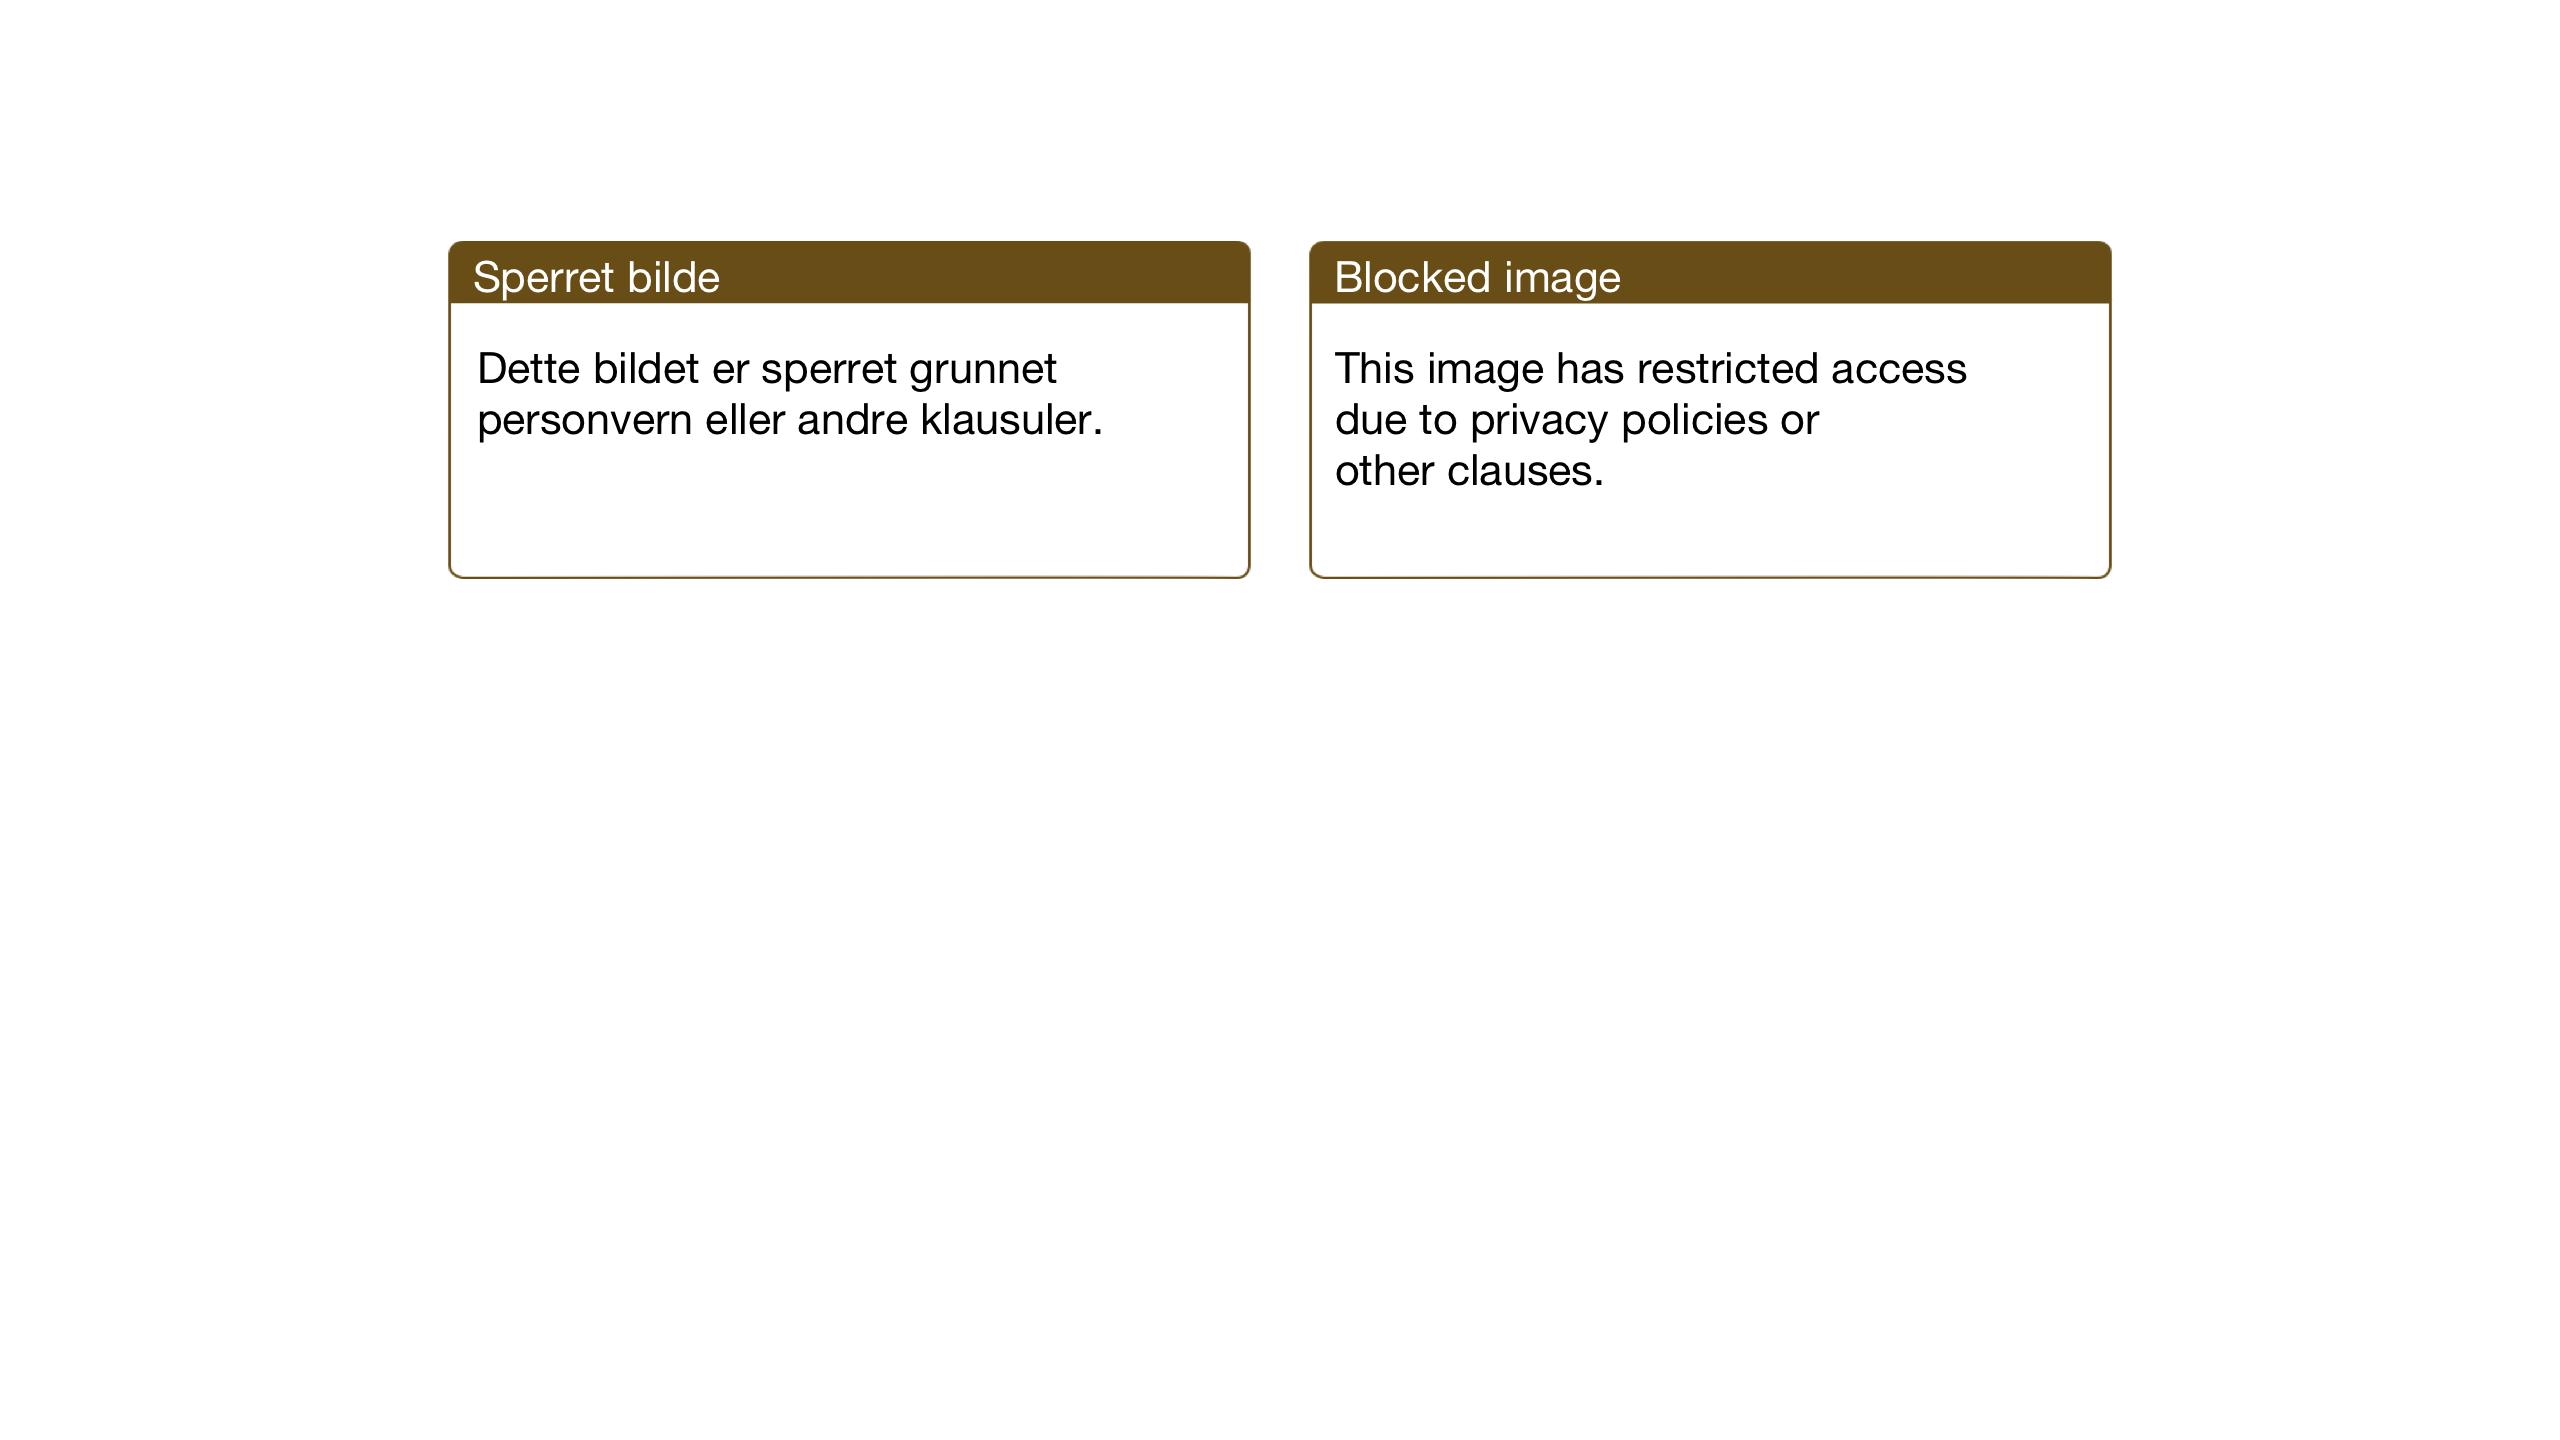 SAT, Ministerialprotokoller, klokkerbøker og fødselsregistre - Sør-Trøndelag, 607/L0328: Klokkerbok nr. 607C02, 1940-1948, s. 25